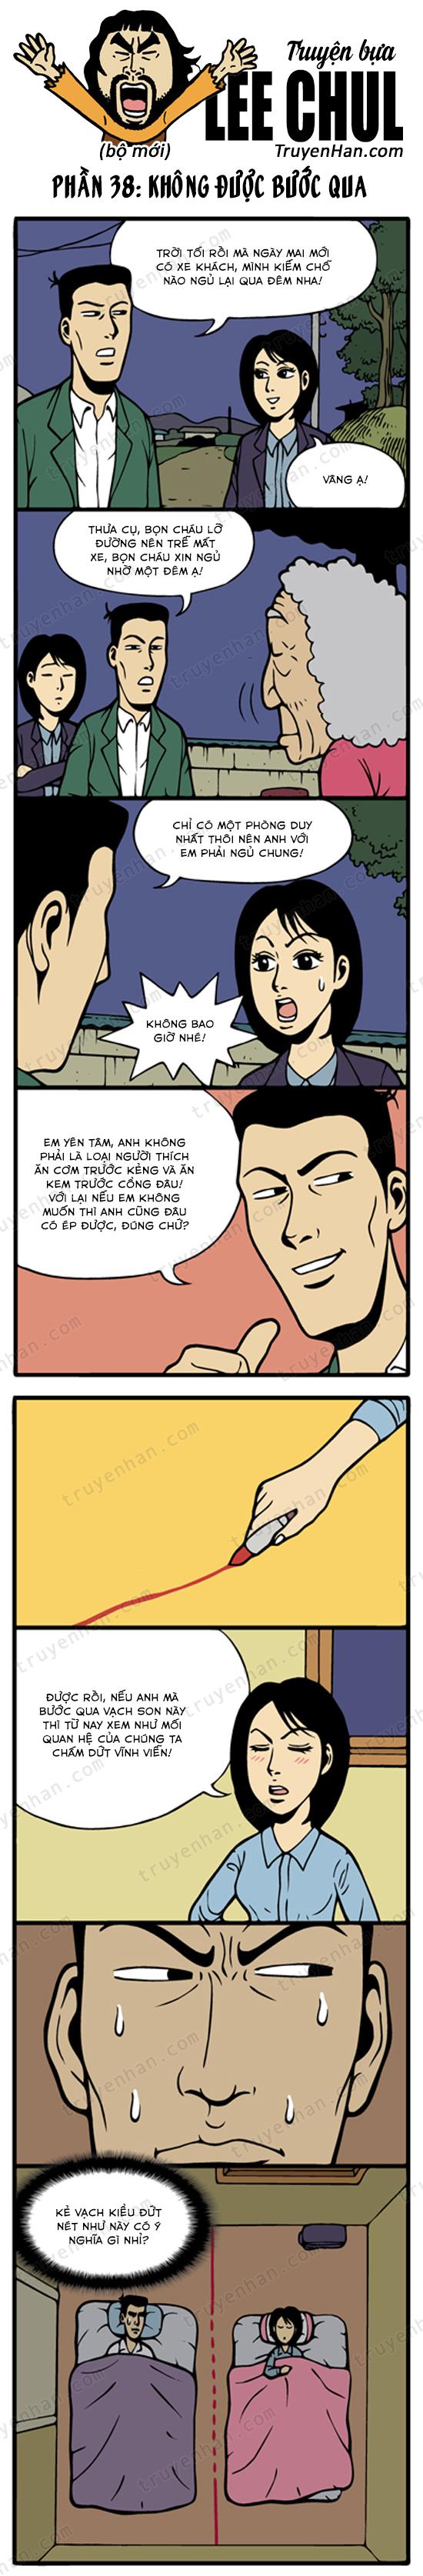 Lee Chul (bộ mới) phần 38: Không được bước qua